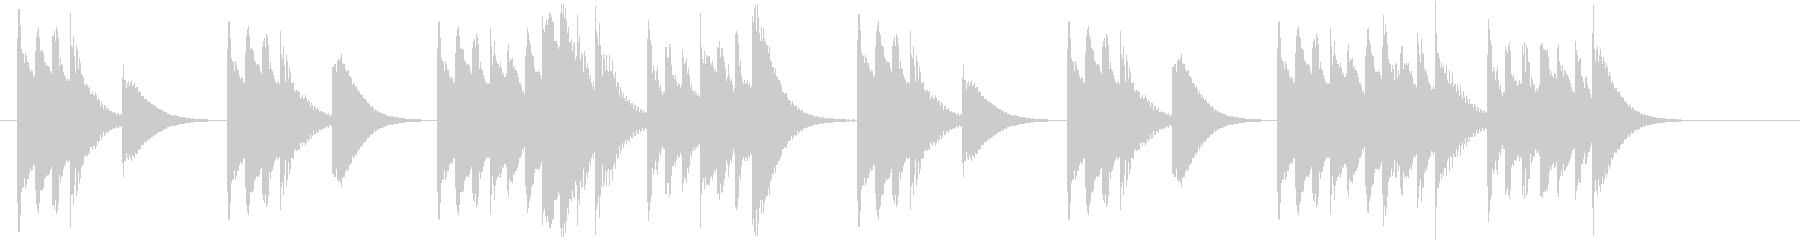 木琴で作ったコミカルで短いジングルの未再生の波形